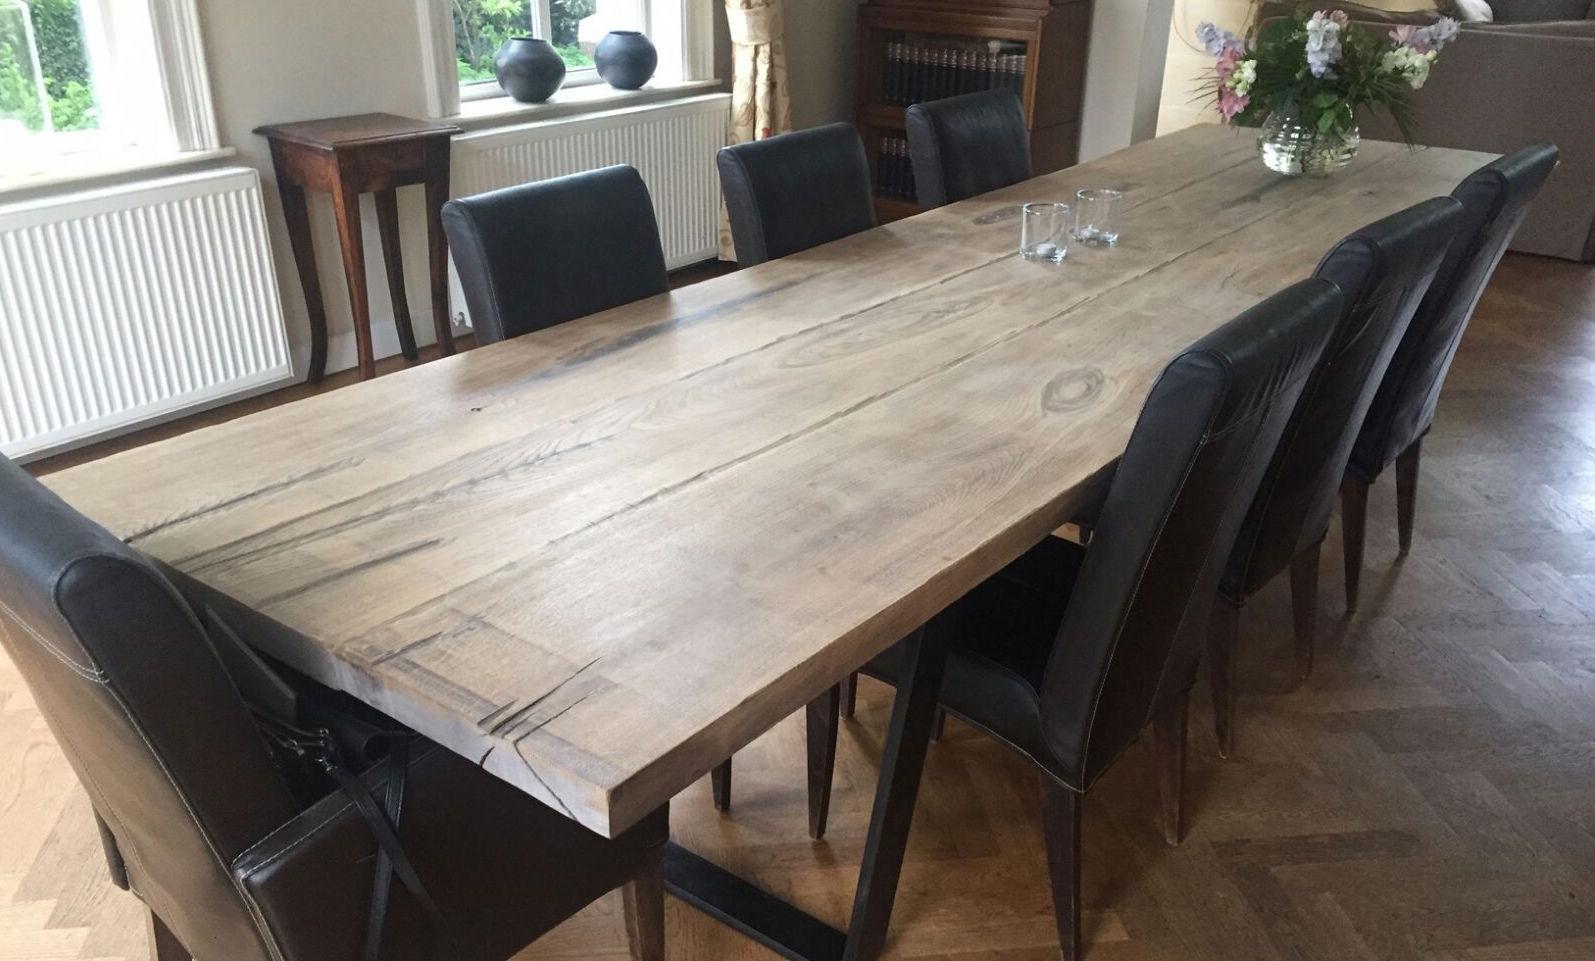 Eikenhouten eettafel met stalen onderstel. Op maat gemaakt door Woodindustries. Mooi in de woonkeuken als keukentafel of in de eetkamer #eettafel #keukentafel #hout #woodindustries #keuken